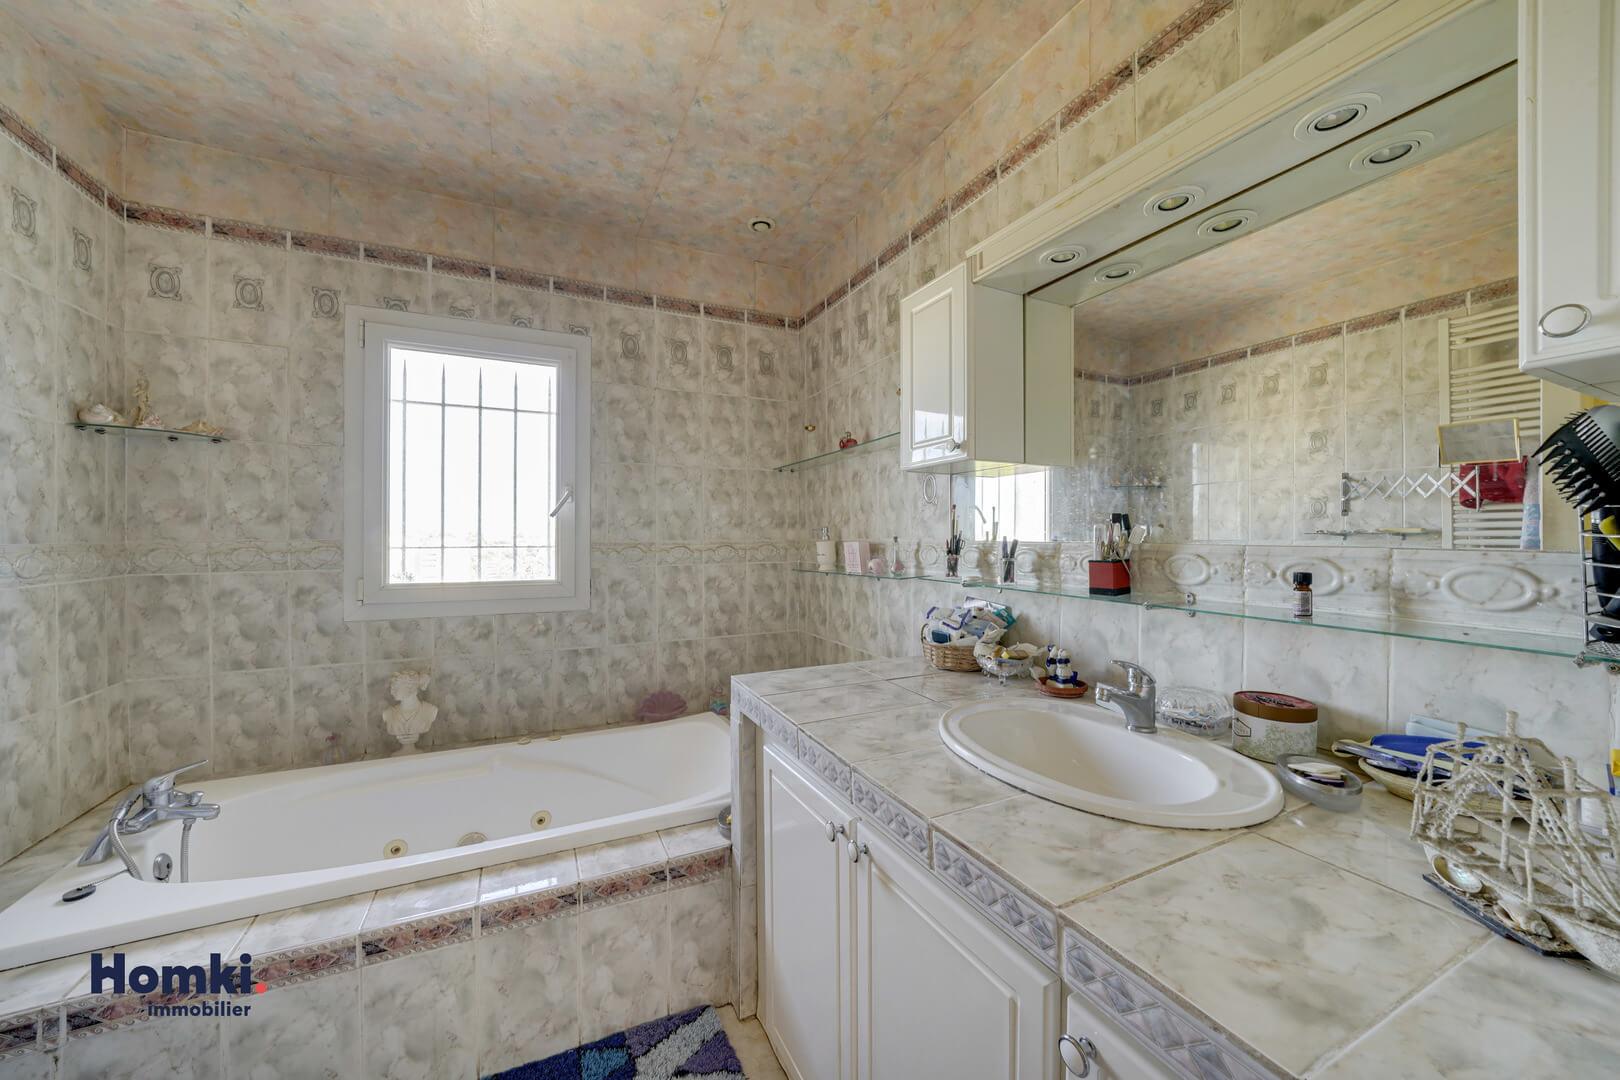 Vente Maison 105 m² T6 13011 Marseille_12